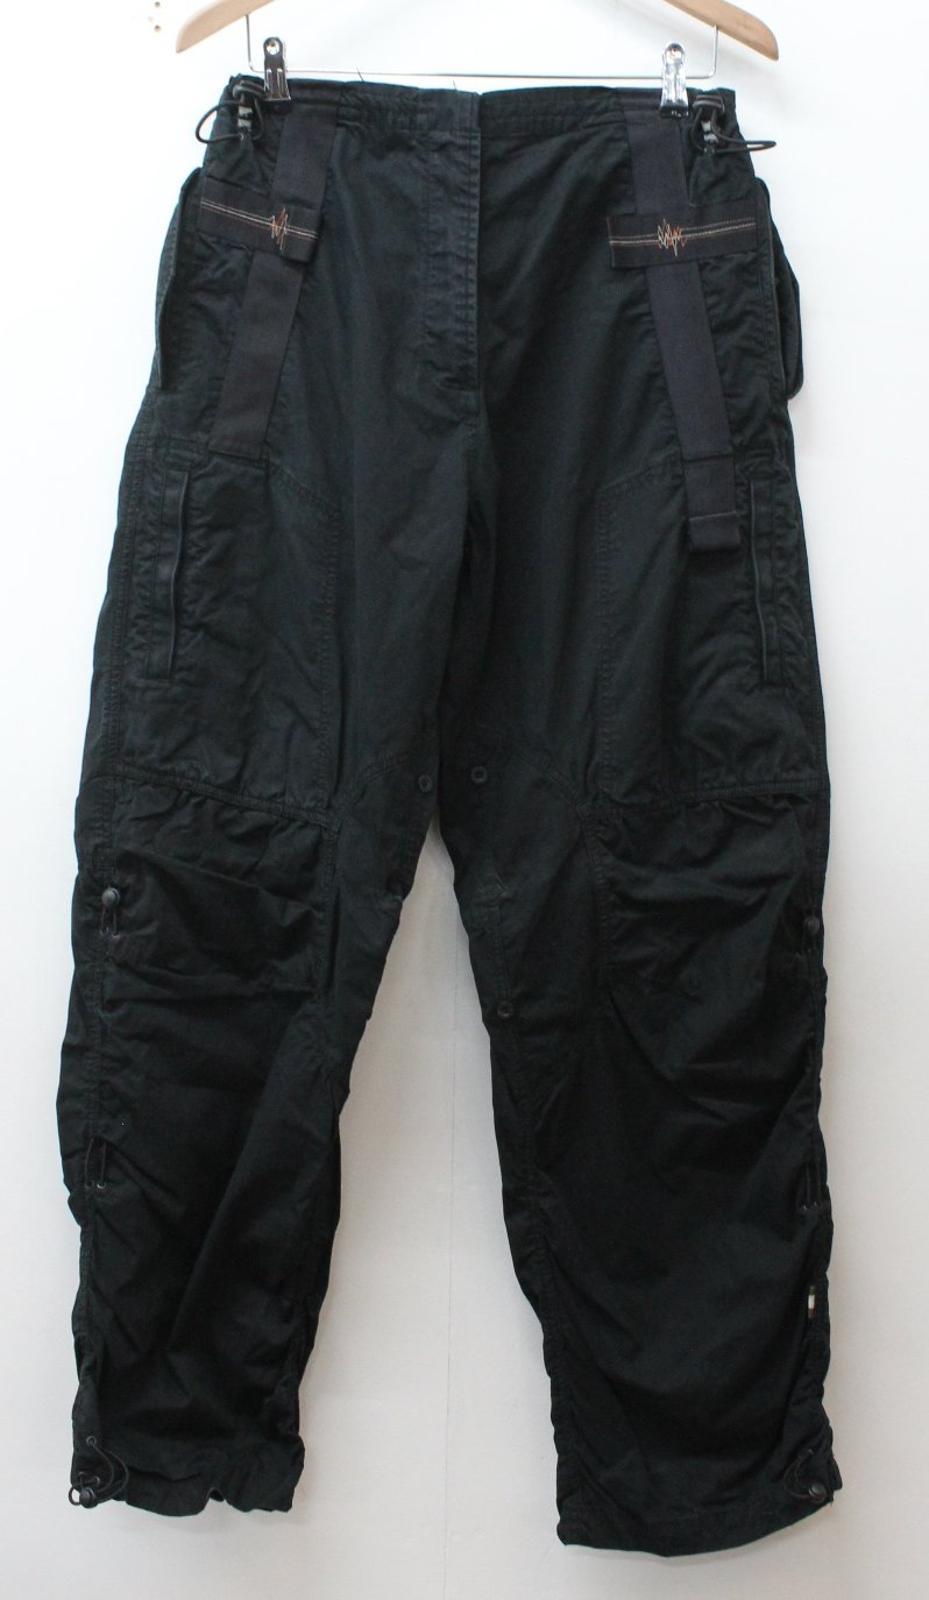 style W24 cargo noir de femmes en Uk12 Maharishi coton pour Pantalon combat L30 Eu40 4qwdxt74g